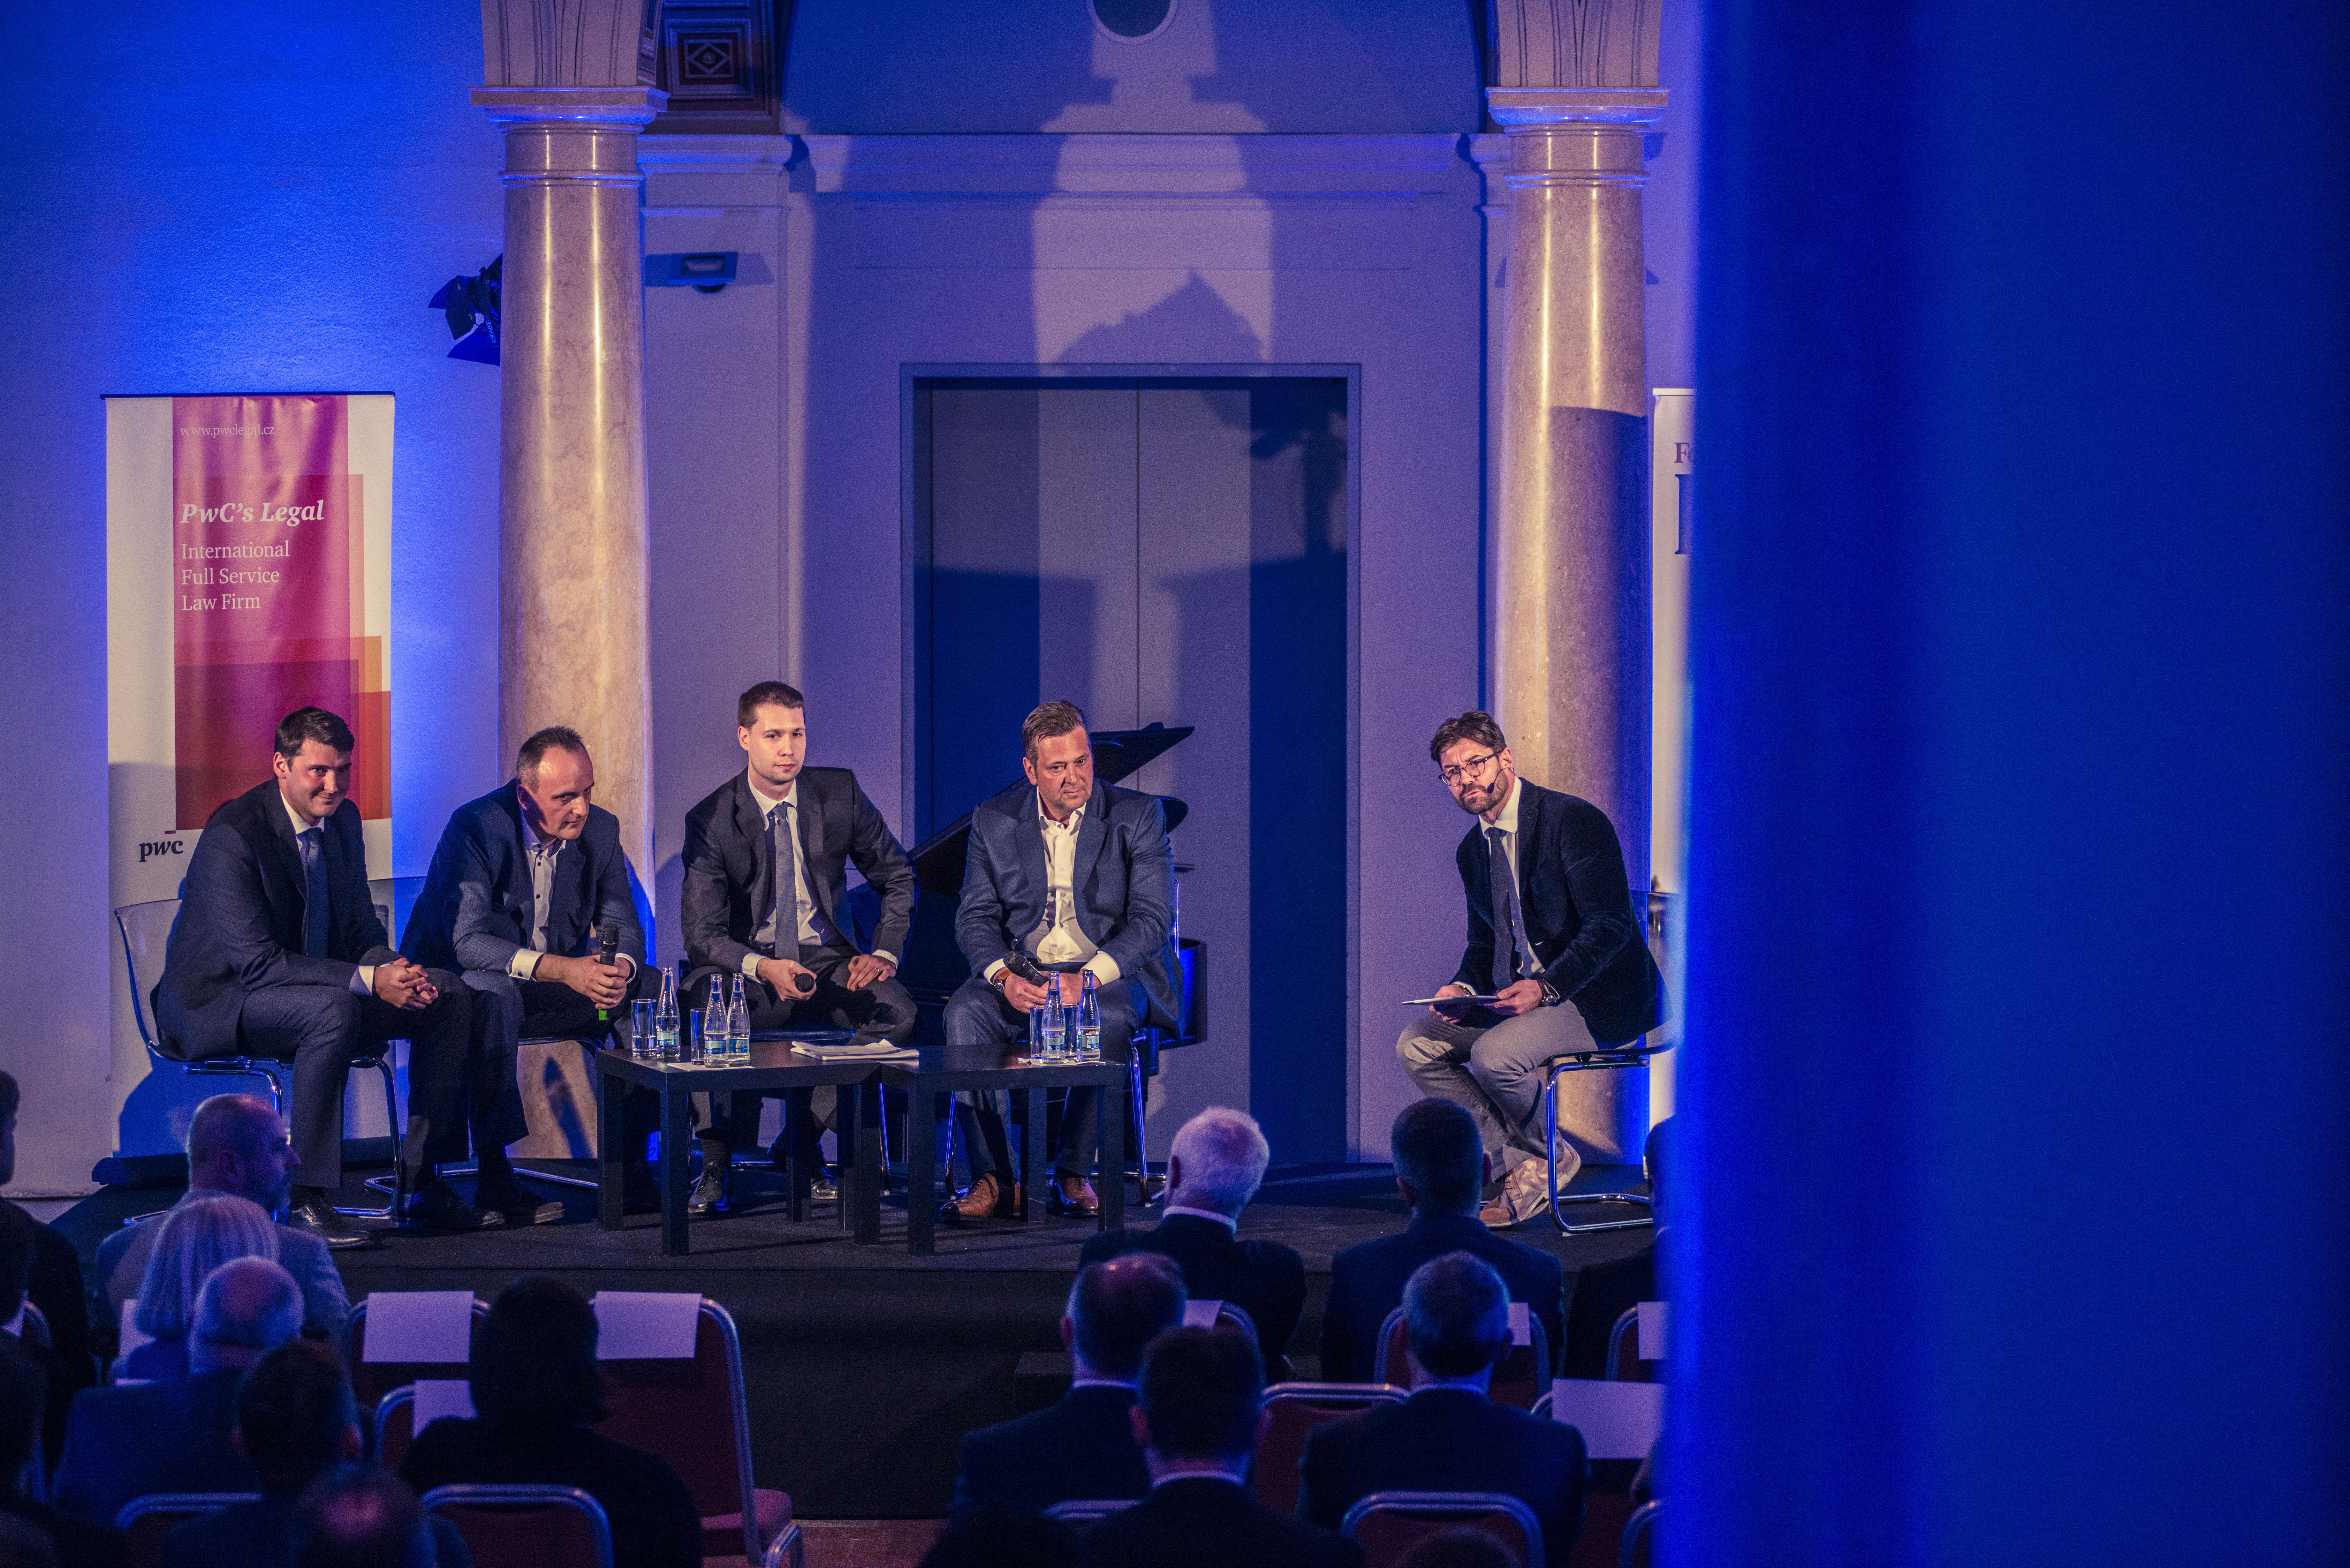 V první části o reálné ekonomice, kurzu koruny a akciích diskutovali (zleva) Michal Kolesar (PwC Česká republika), Petr Krčil (Art of Finance), Jakub Skryja (Verdi Capital) a Igor Fait (Jet Investment).